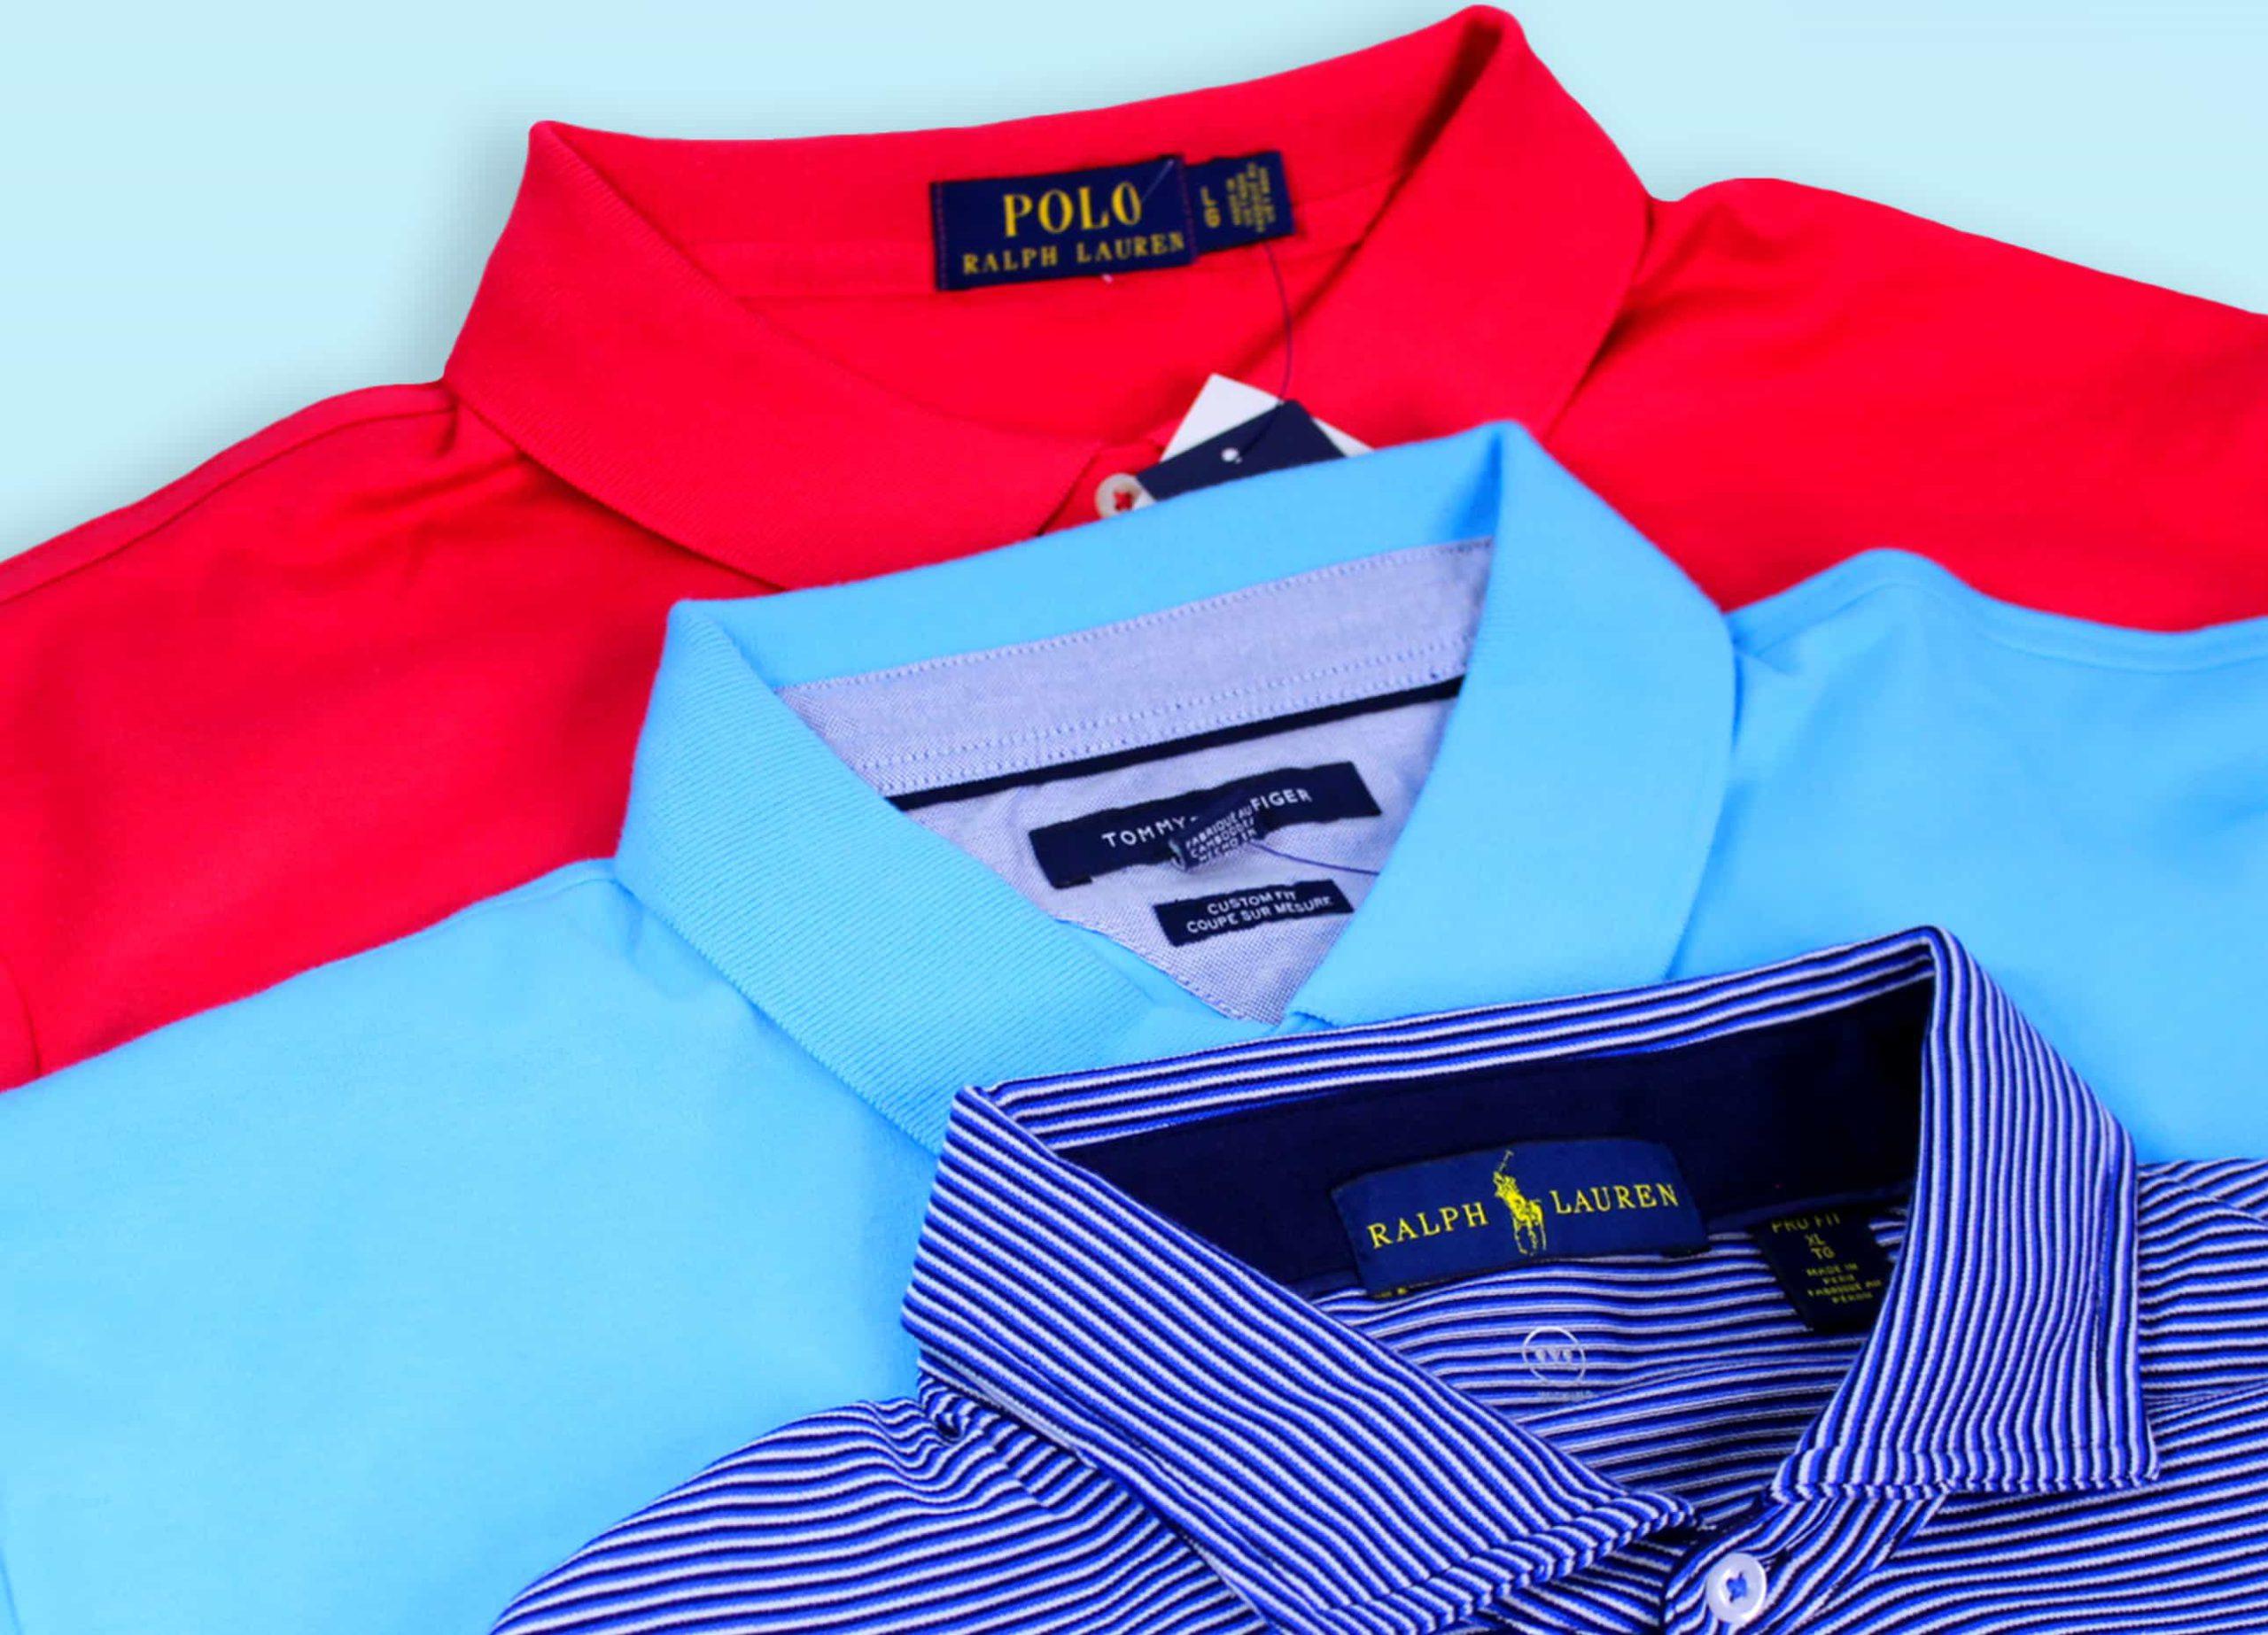 A red Polo Ralph Lauren shirt below a light blue Tommy Hilfiger Polo below a blue Polo Ralph Lauren shirt